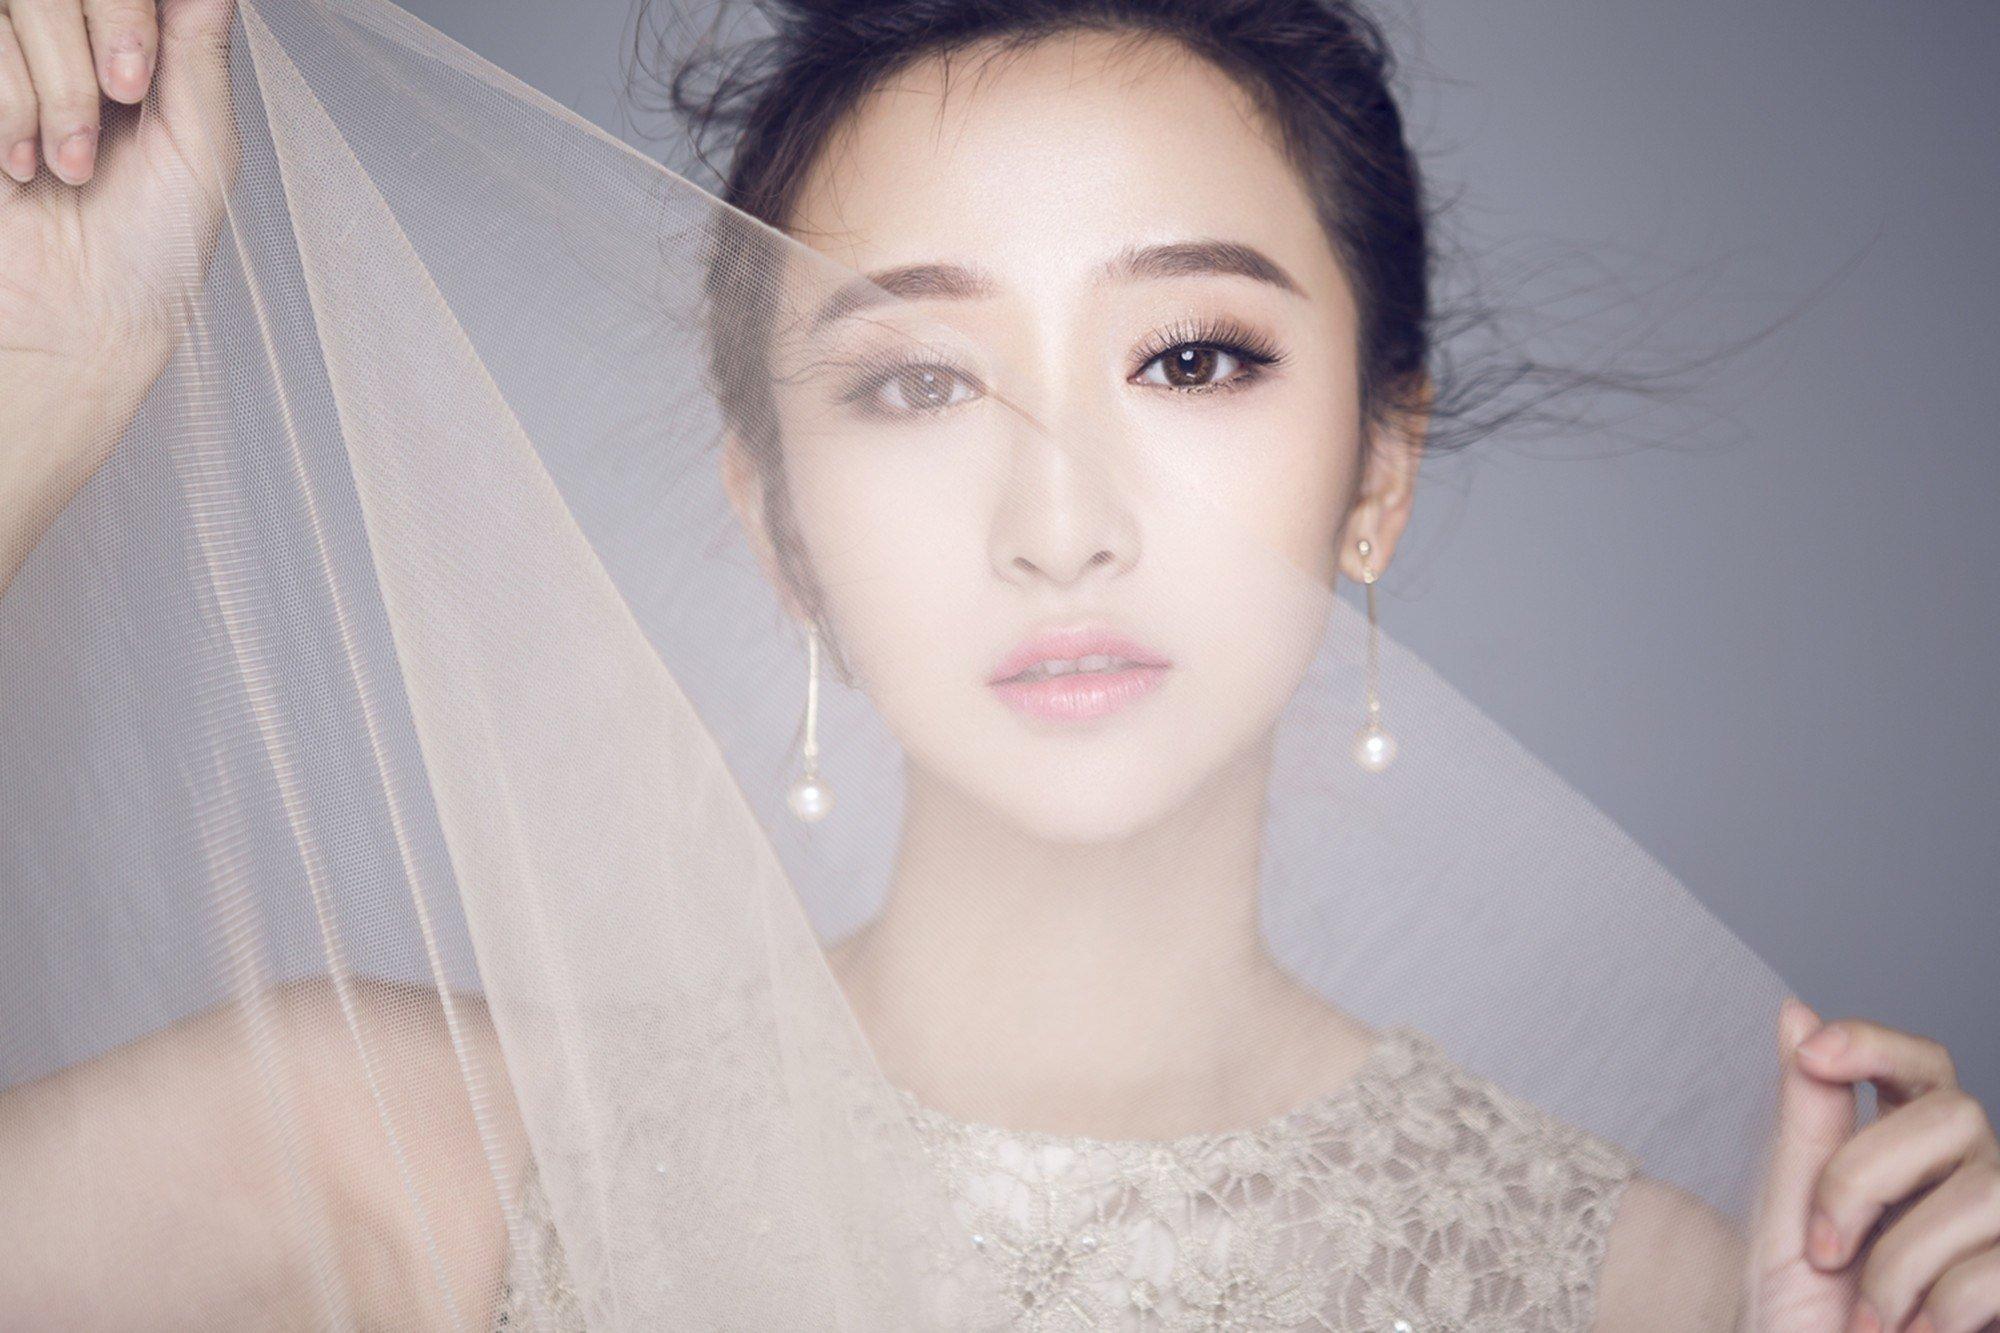 王若涵米色无袖雪纺纱裙小露香肩写真